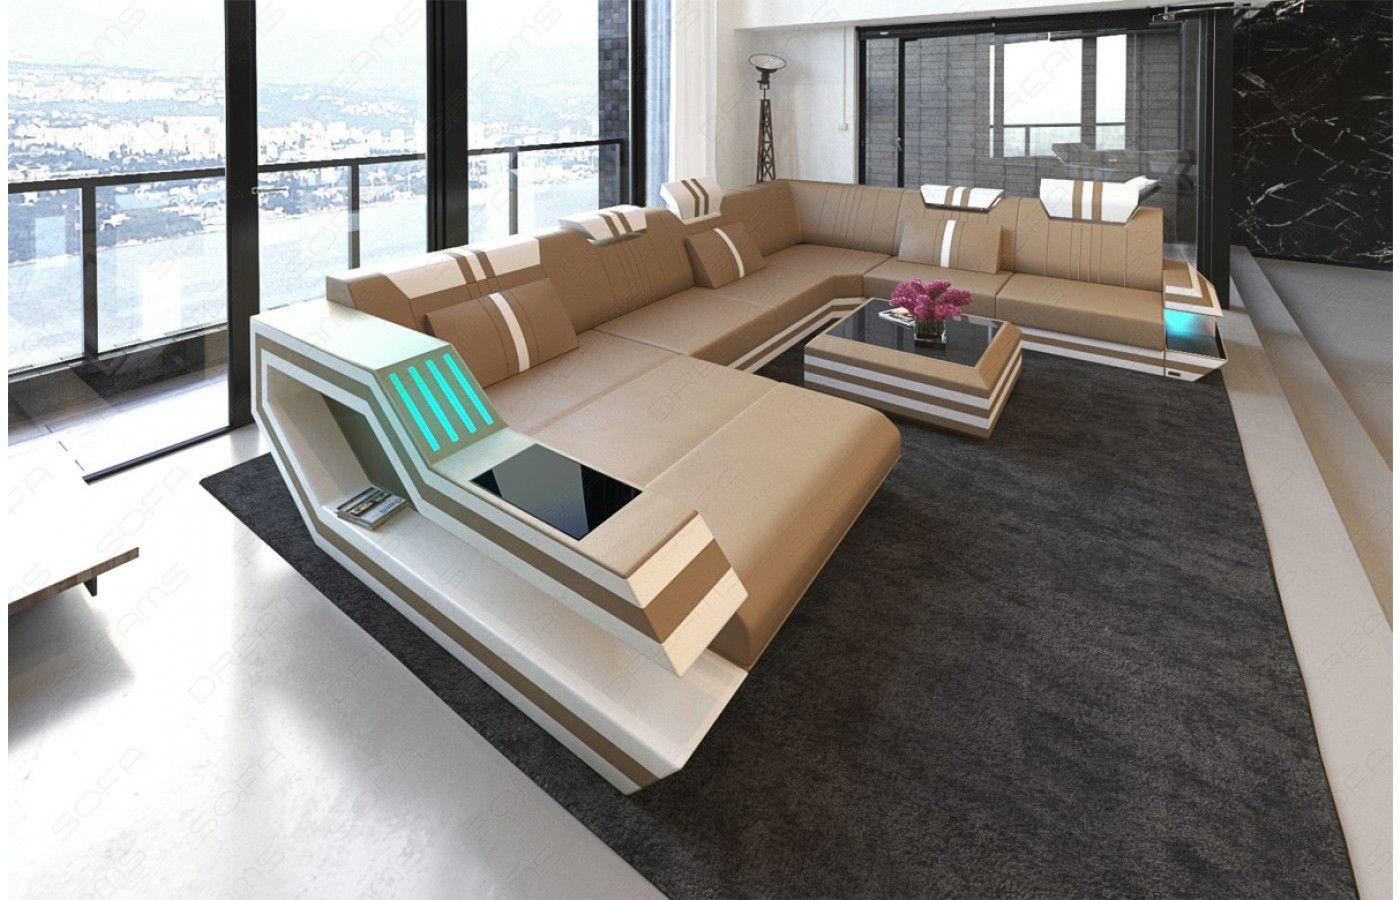 Xxl Wohnlandschaft Ravenna Leder Wohnzimmer Sofa Sofas Wohnzimmer Sofa Design